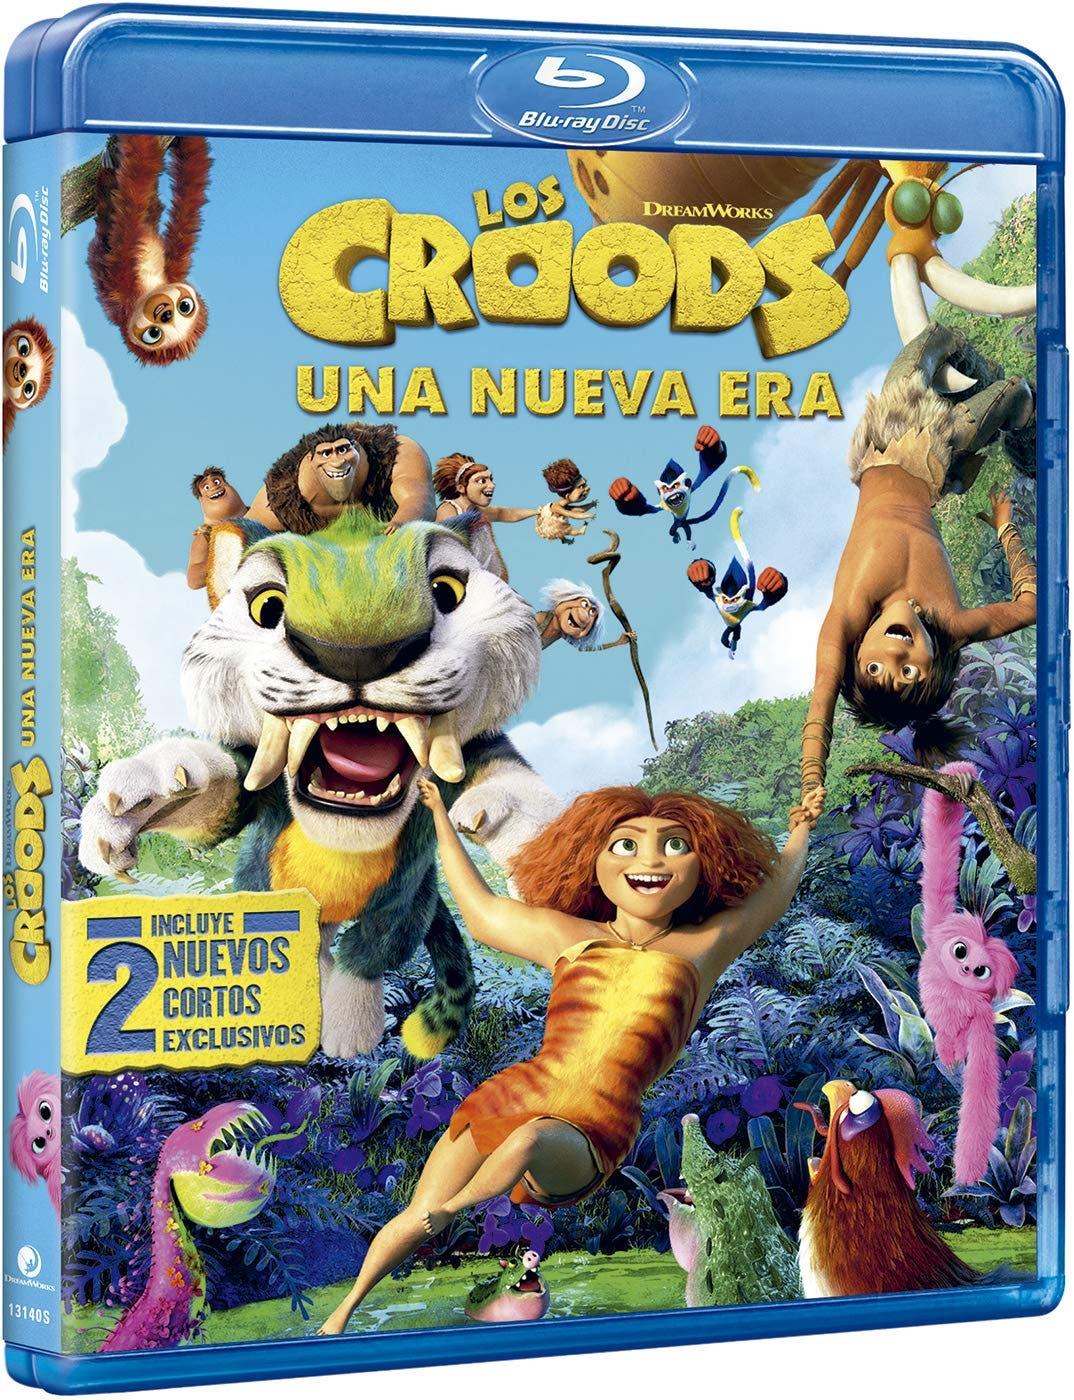 Los Croods 2: Una nueva era [Blu-ray]